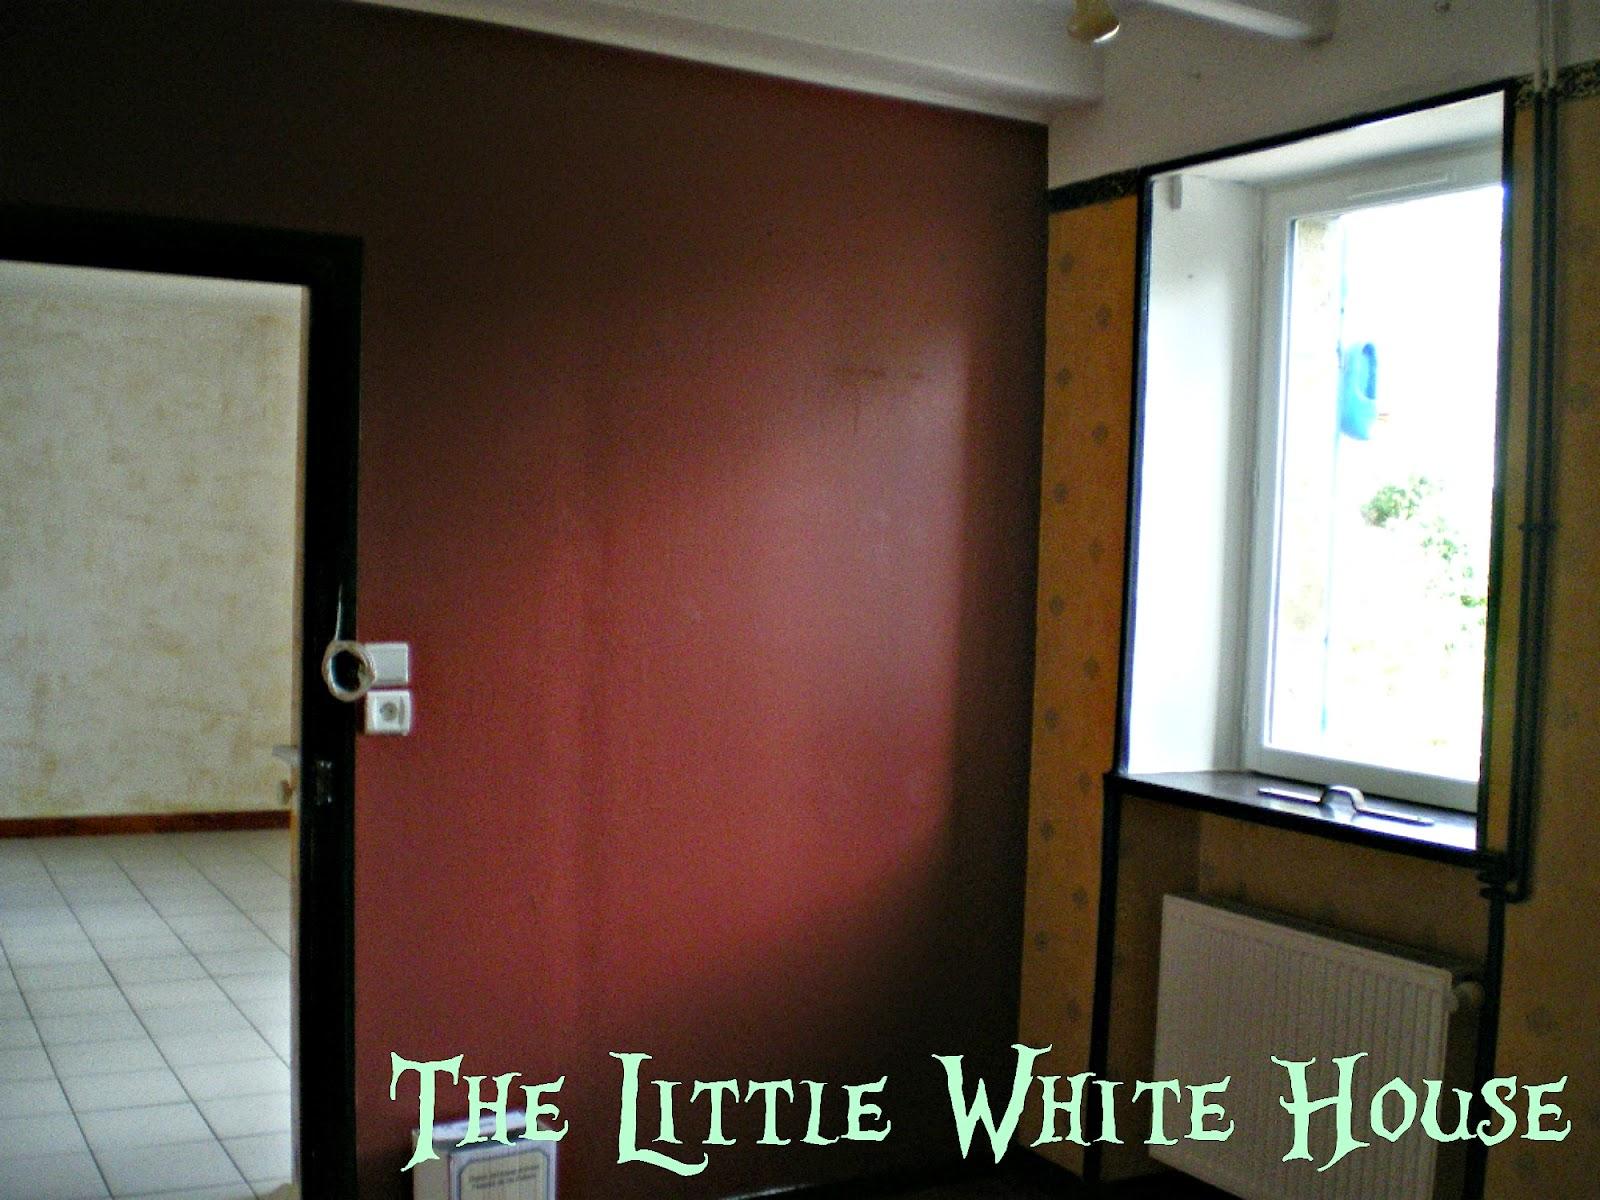 4 murs papier peint salle a manger for Papier peint tendance salle a manger